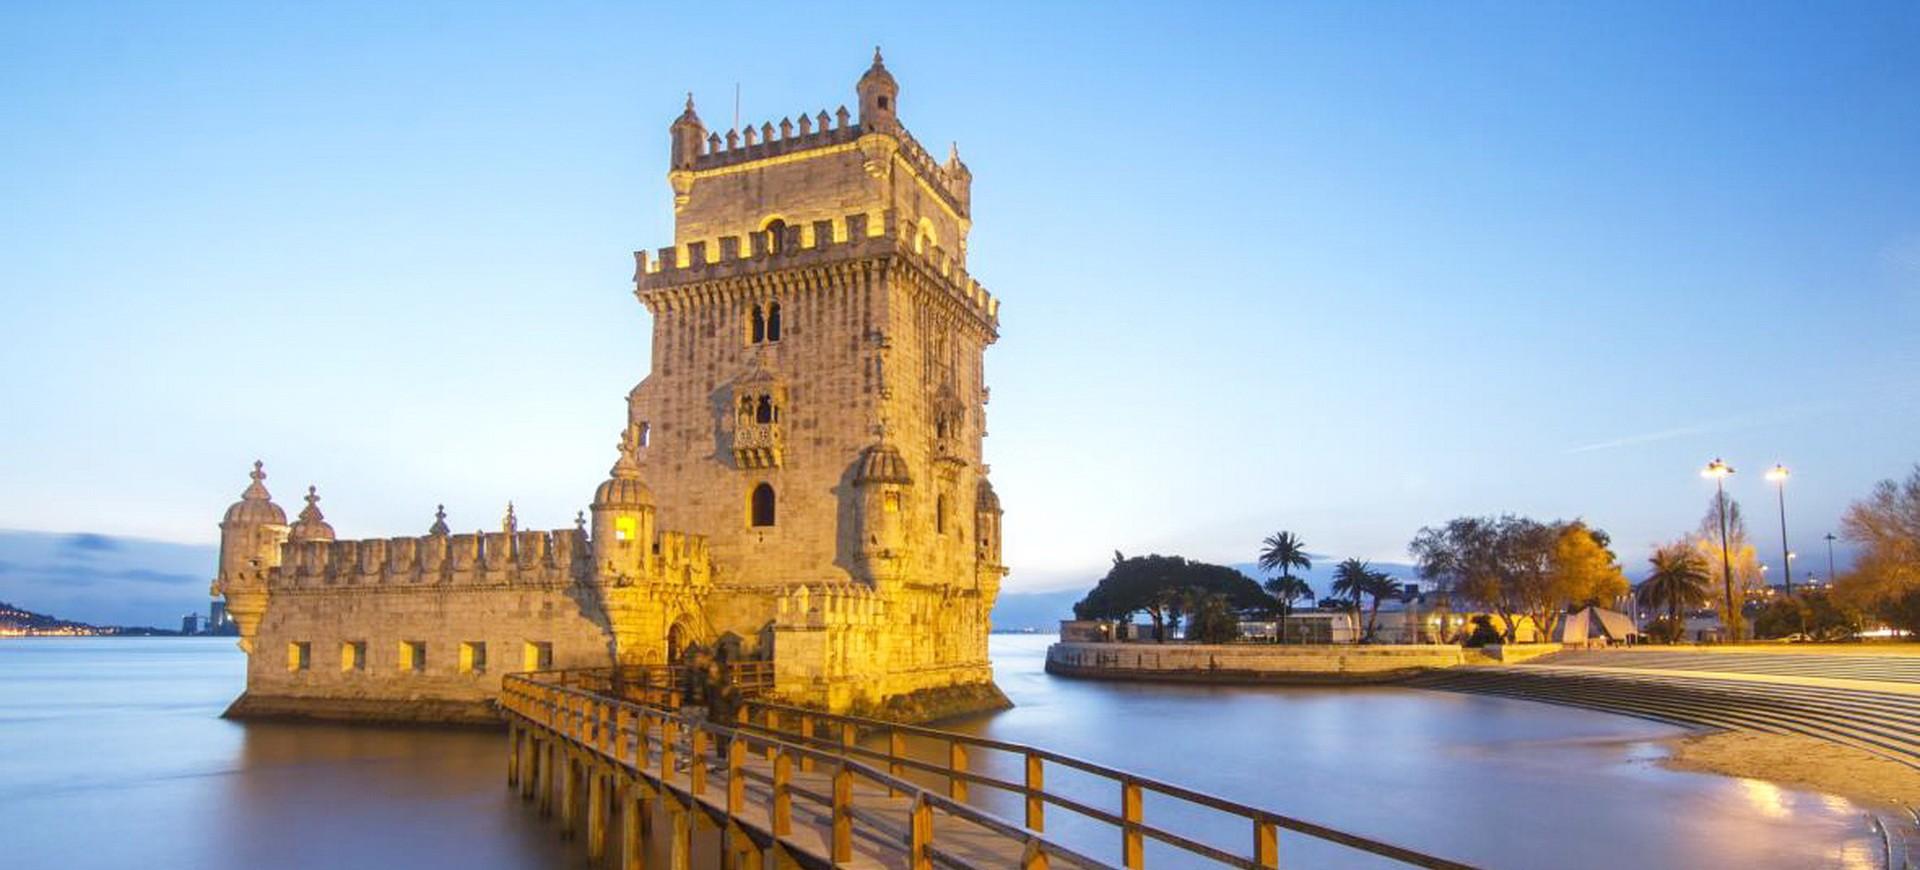 Portugal Lisbonne La Tour Belem